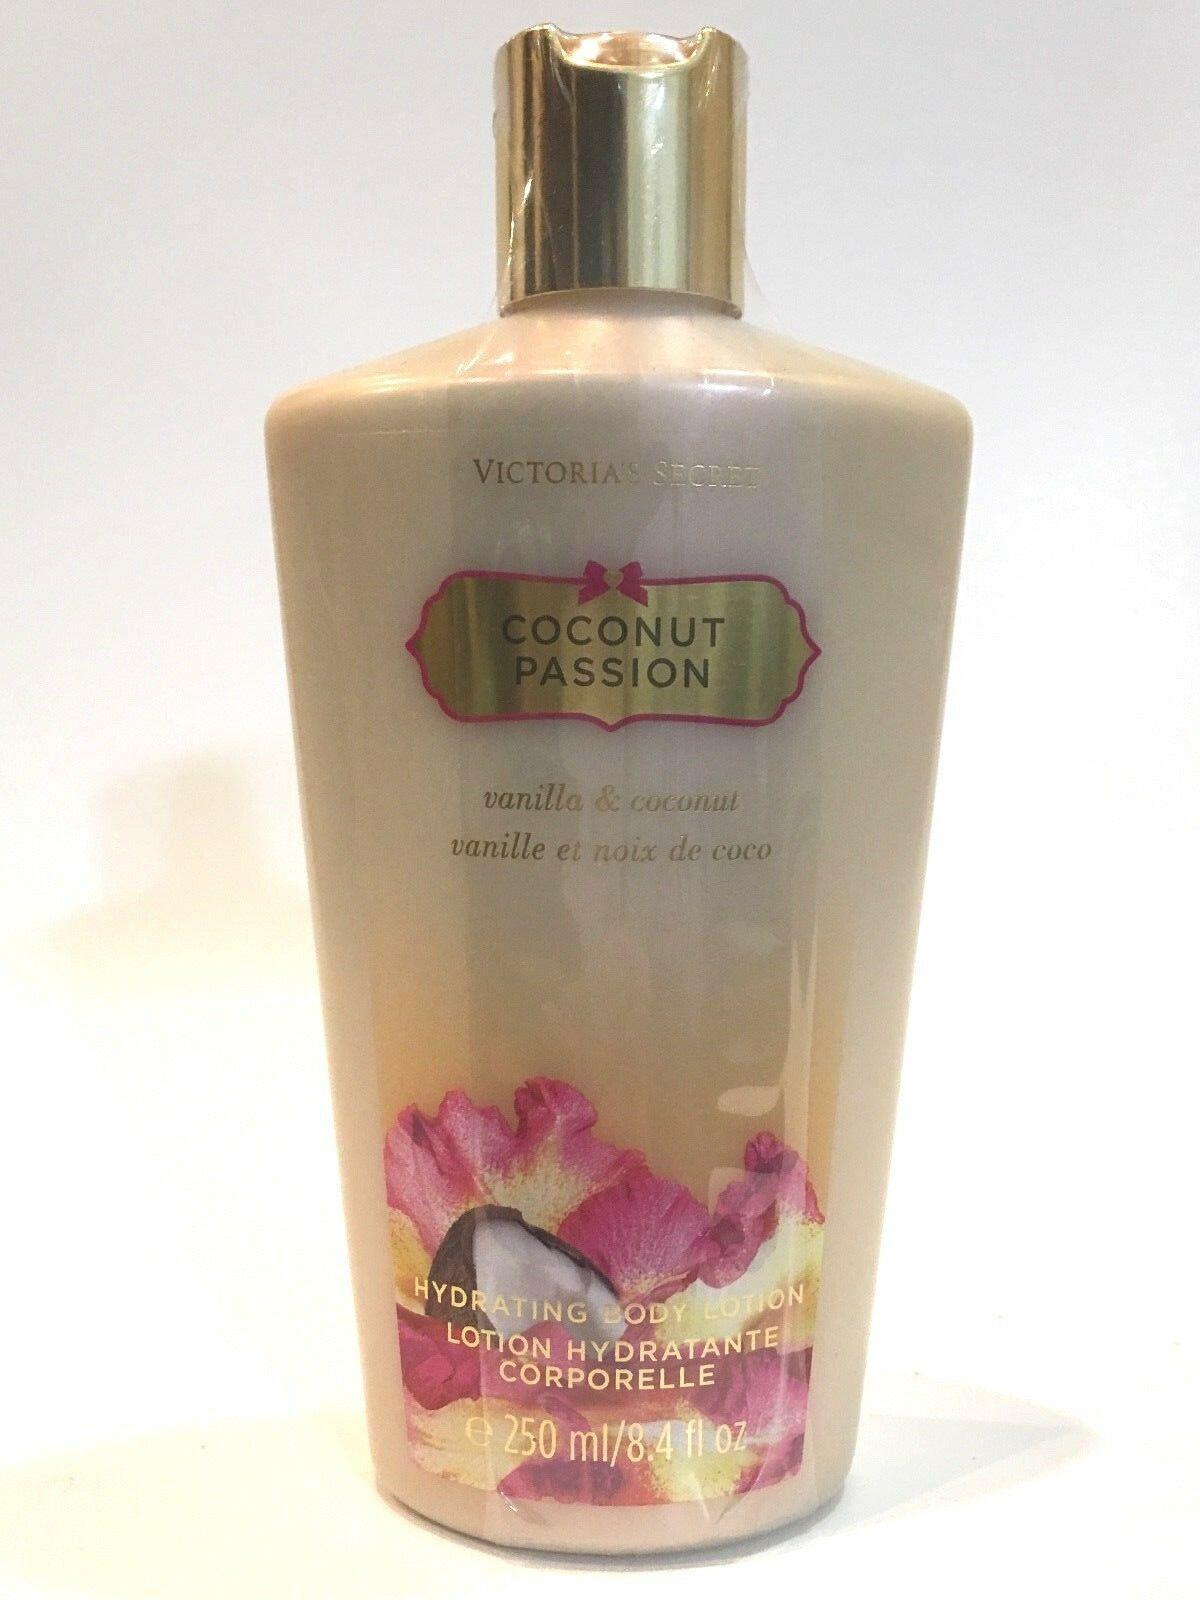 Victoria's Secret Coconut Passion Vanilla & Coconut hydrating body lotion 250 ml